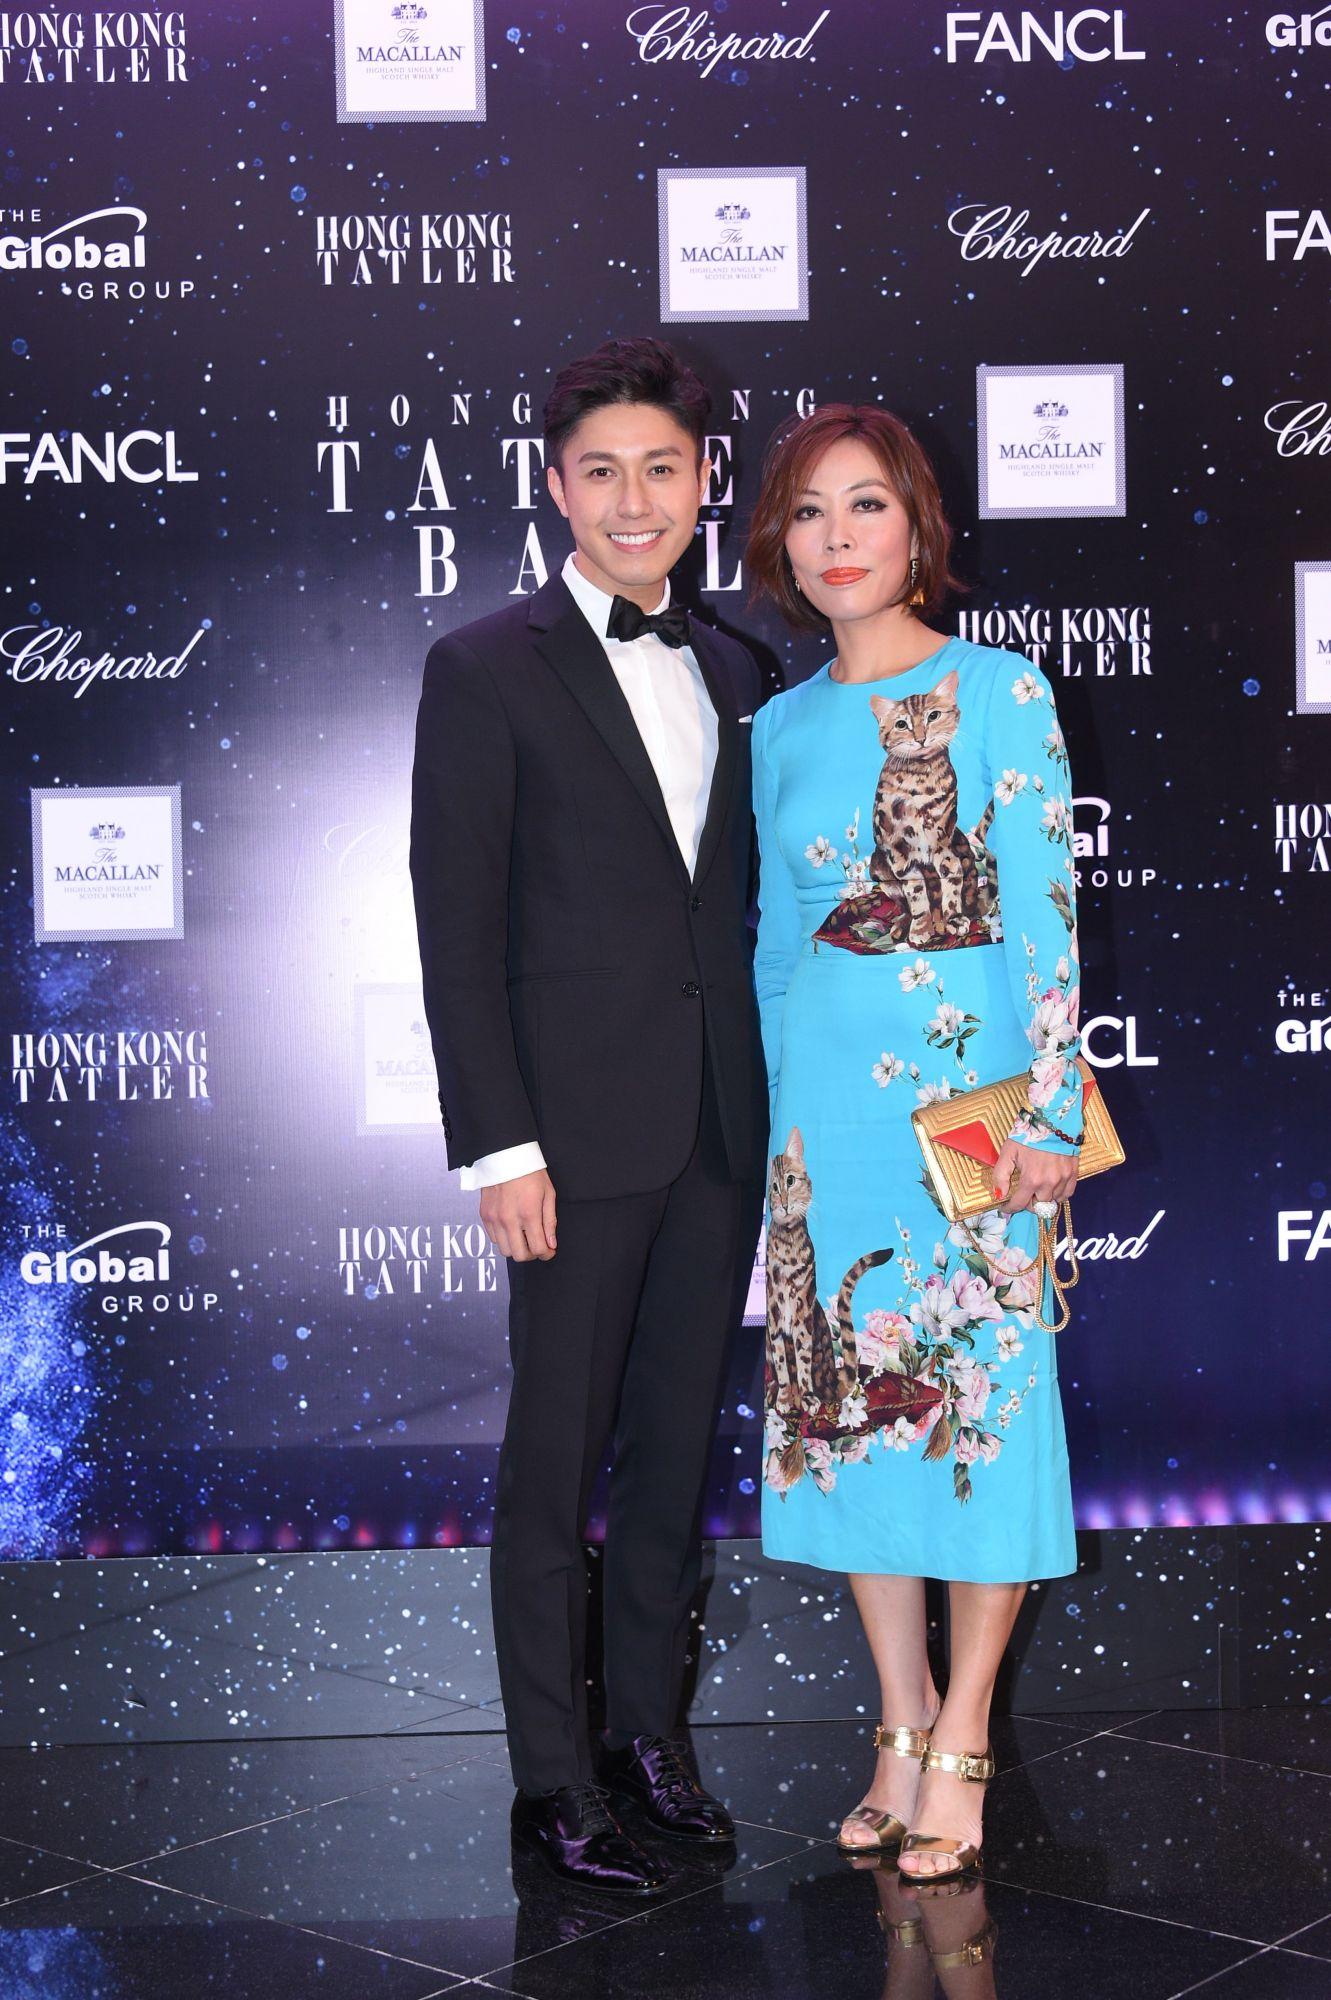 Edwin Pun, Vicky Lam